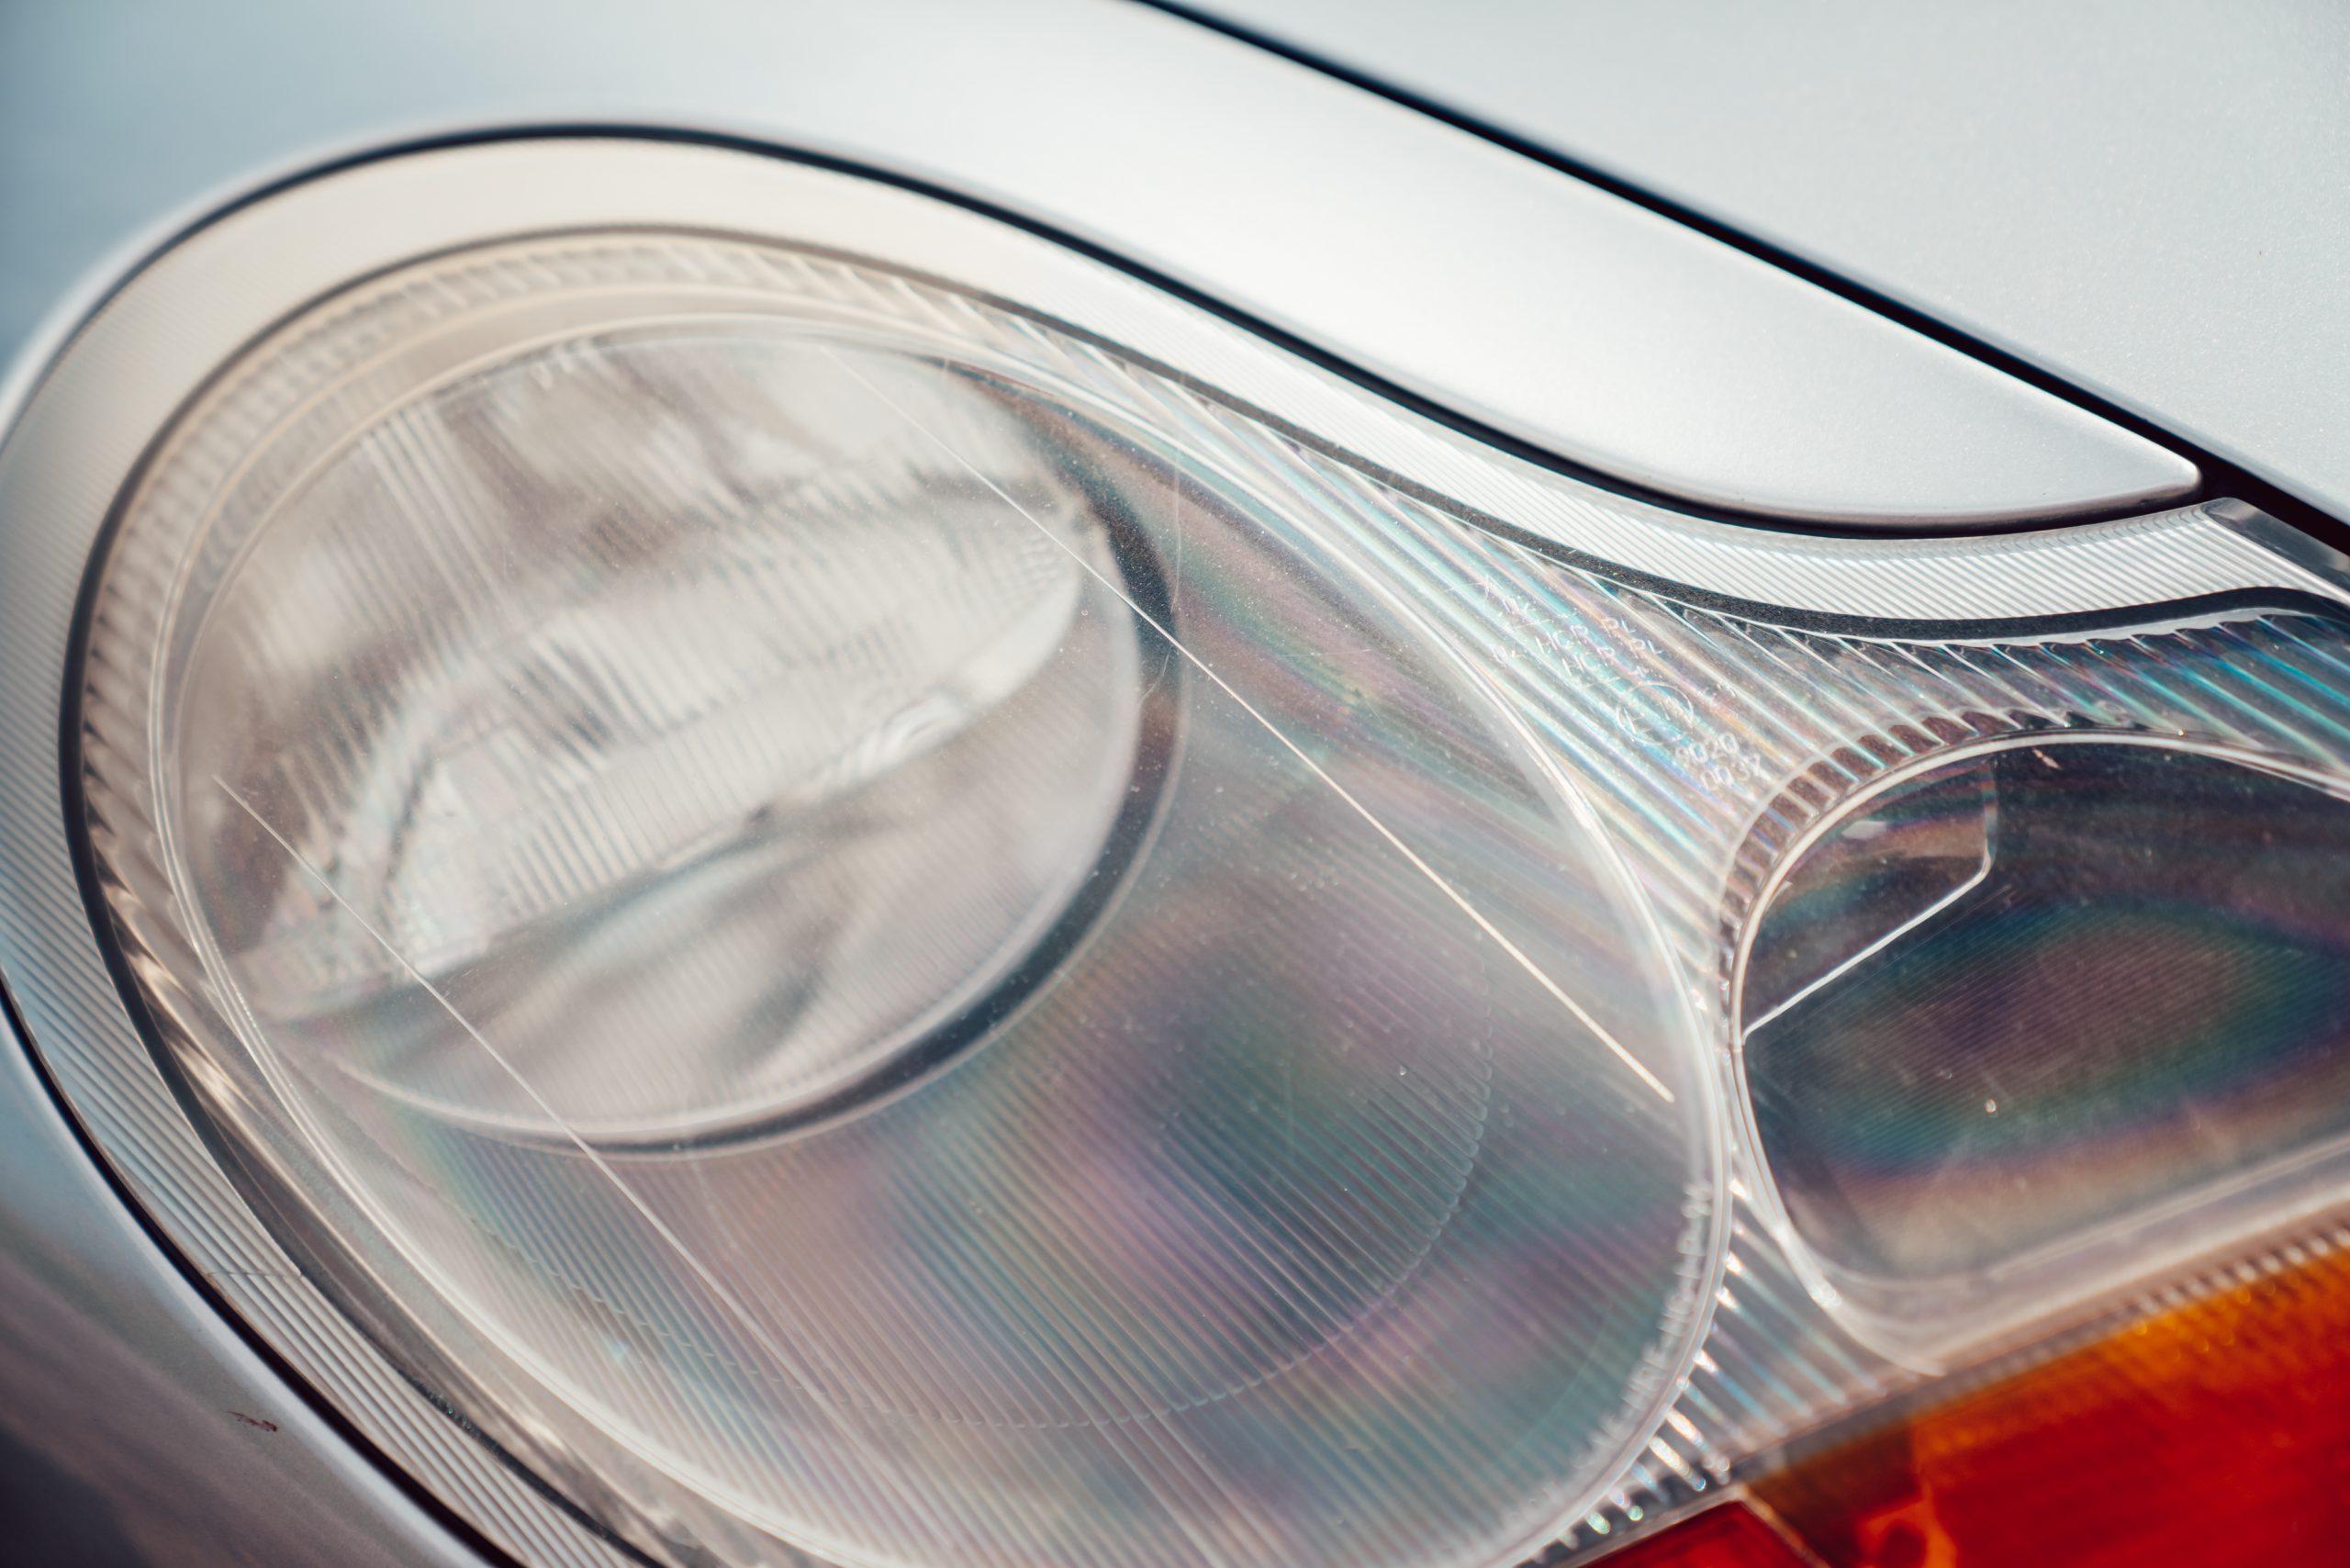 1998 Porsche Boxster 986 headlight closeup